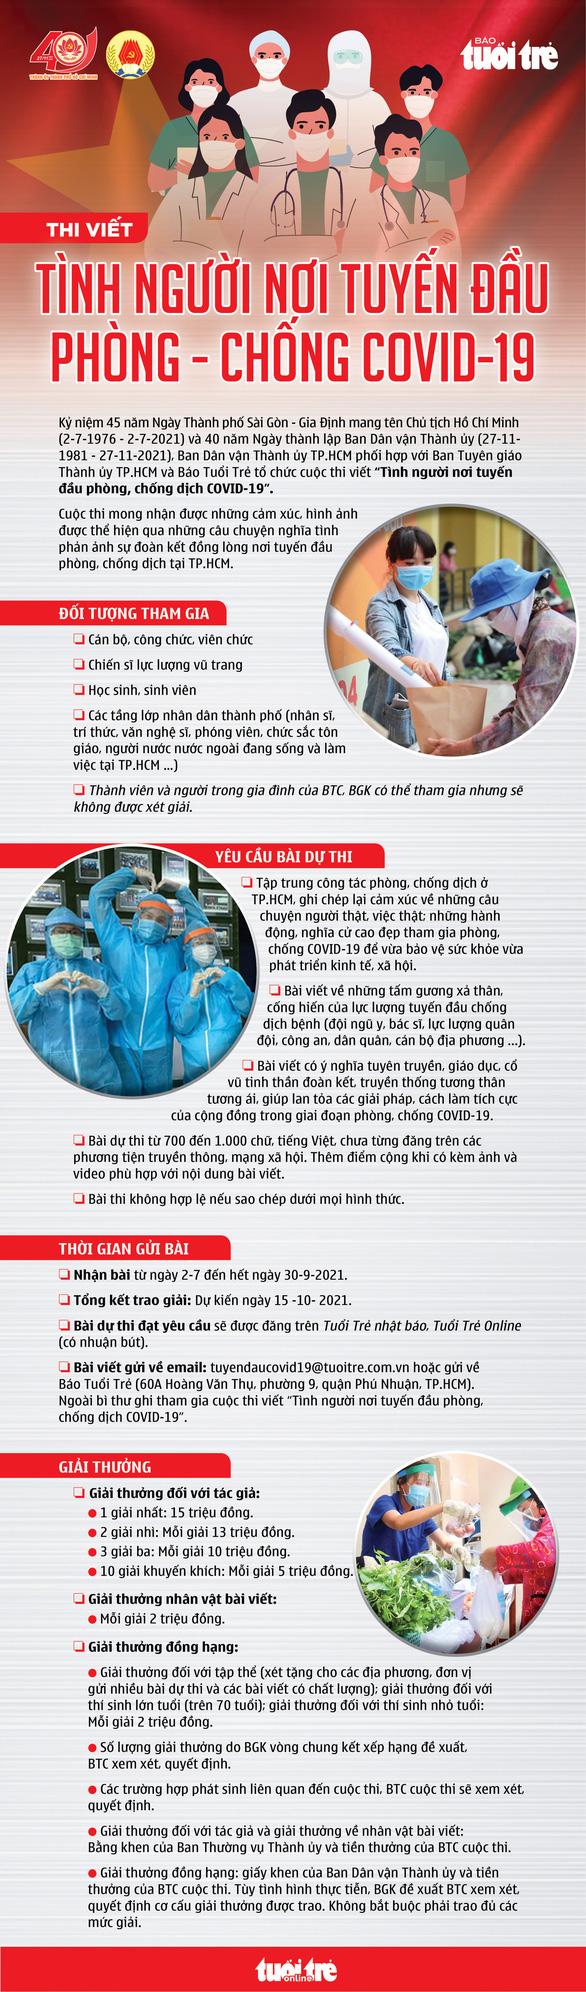 Cuộc thi viết 'Tình người nơi tuyến đầu phòng, chống dịch COVID-19'